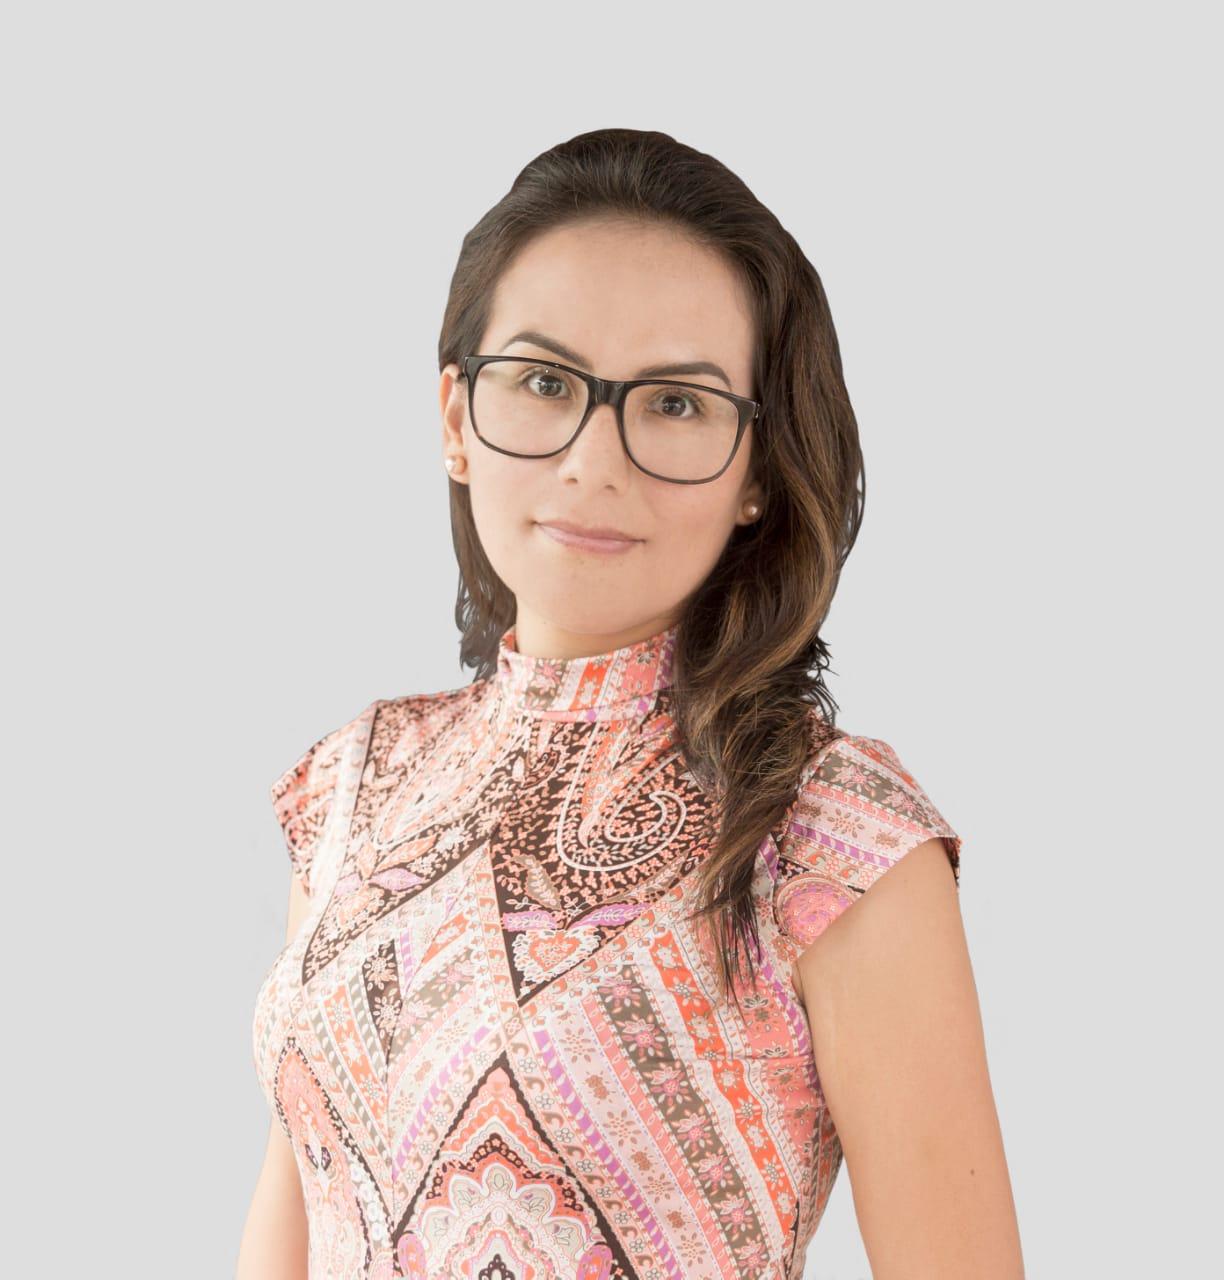 Isabel Feb 2019 - Isabel Castillo